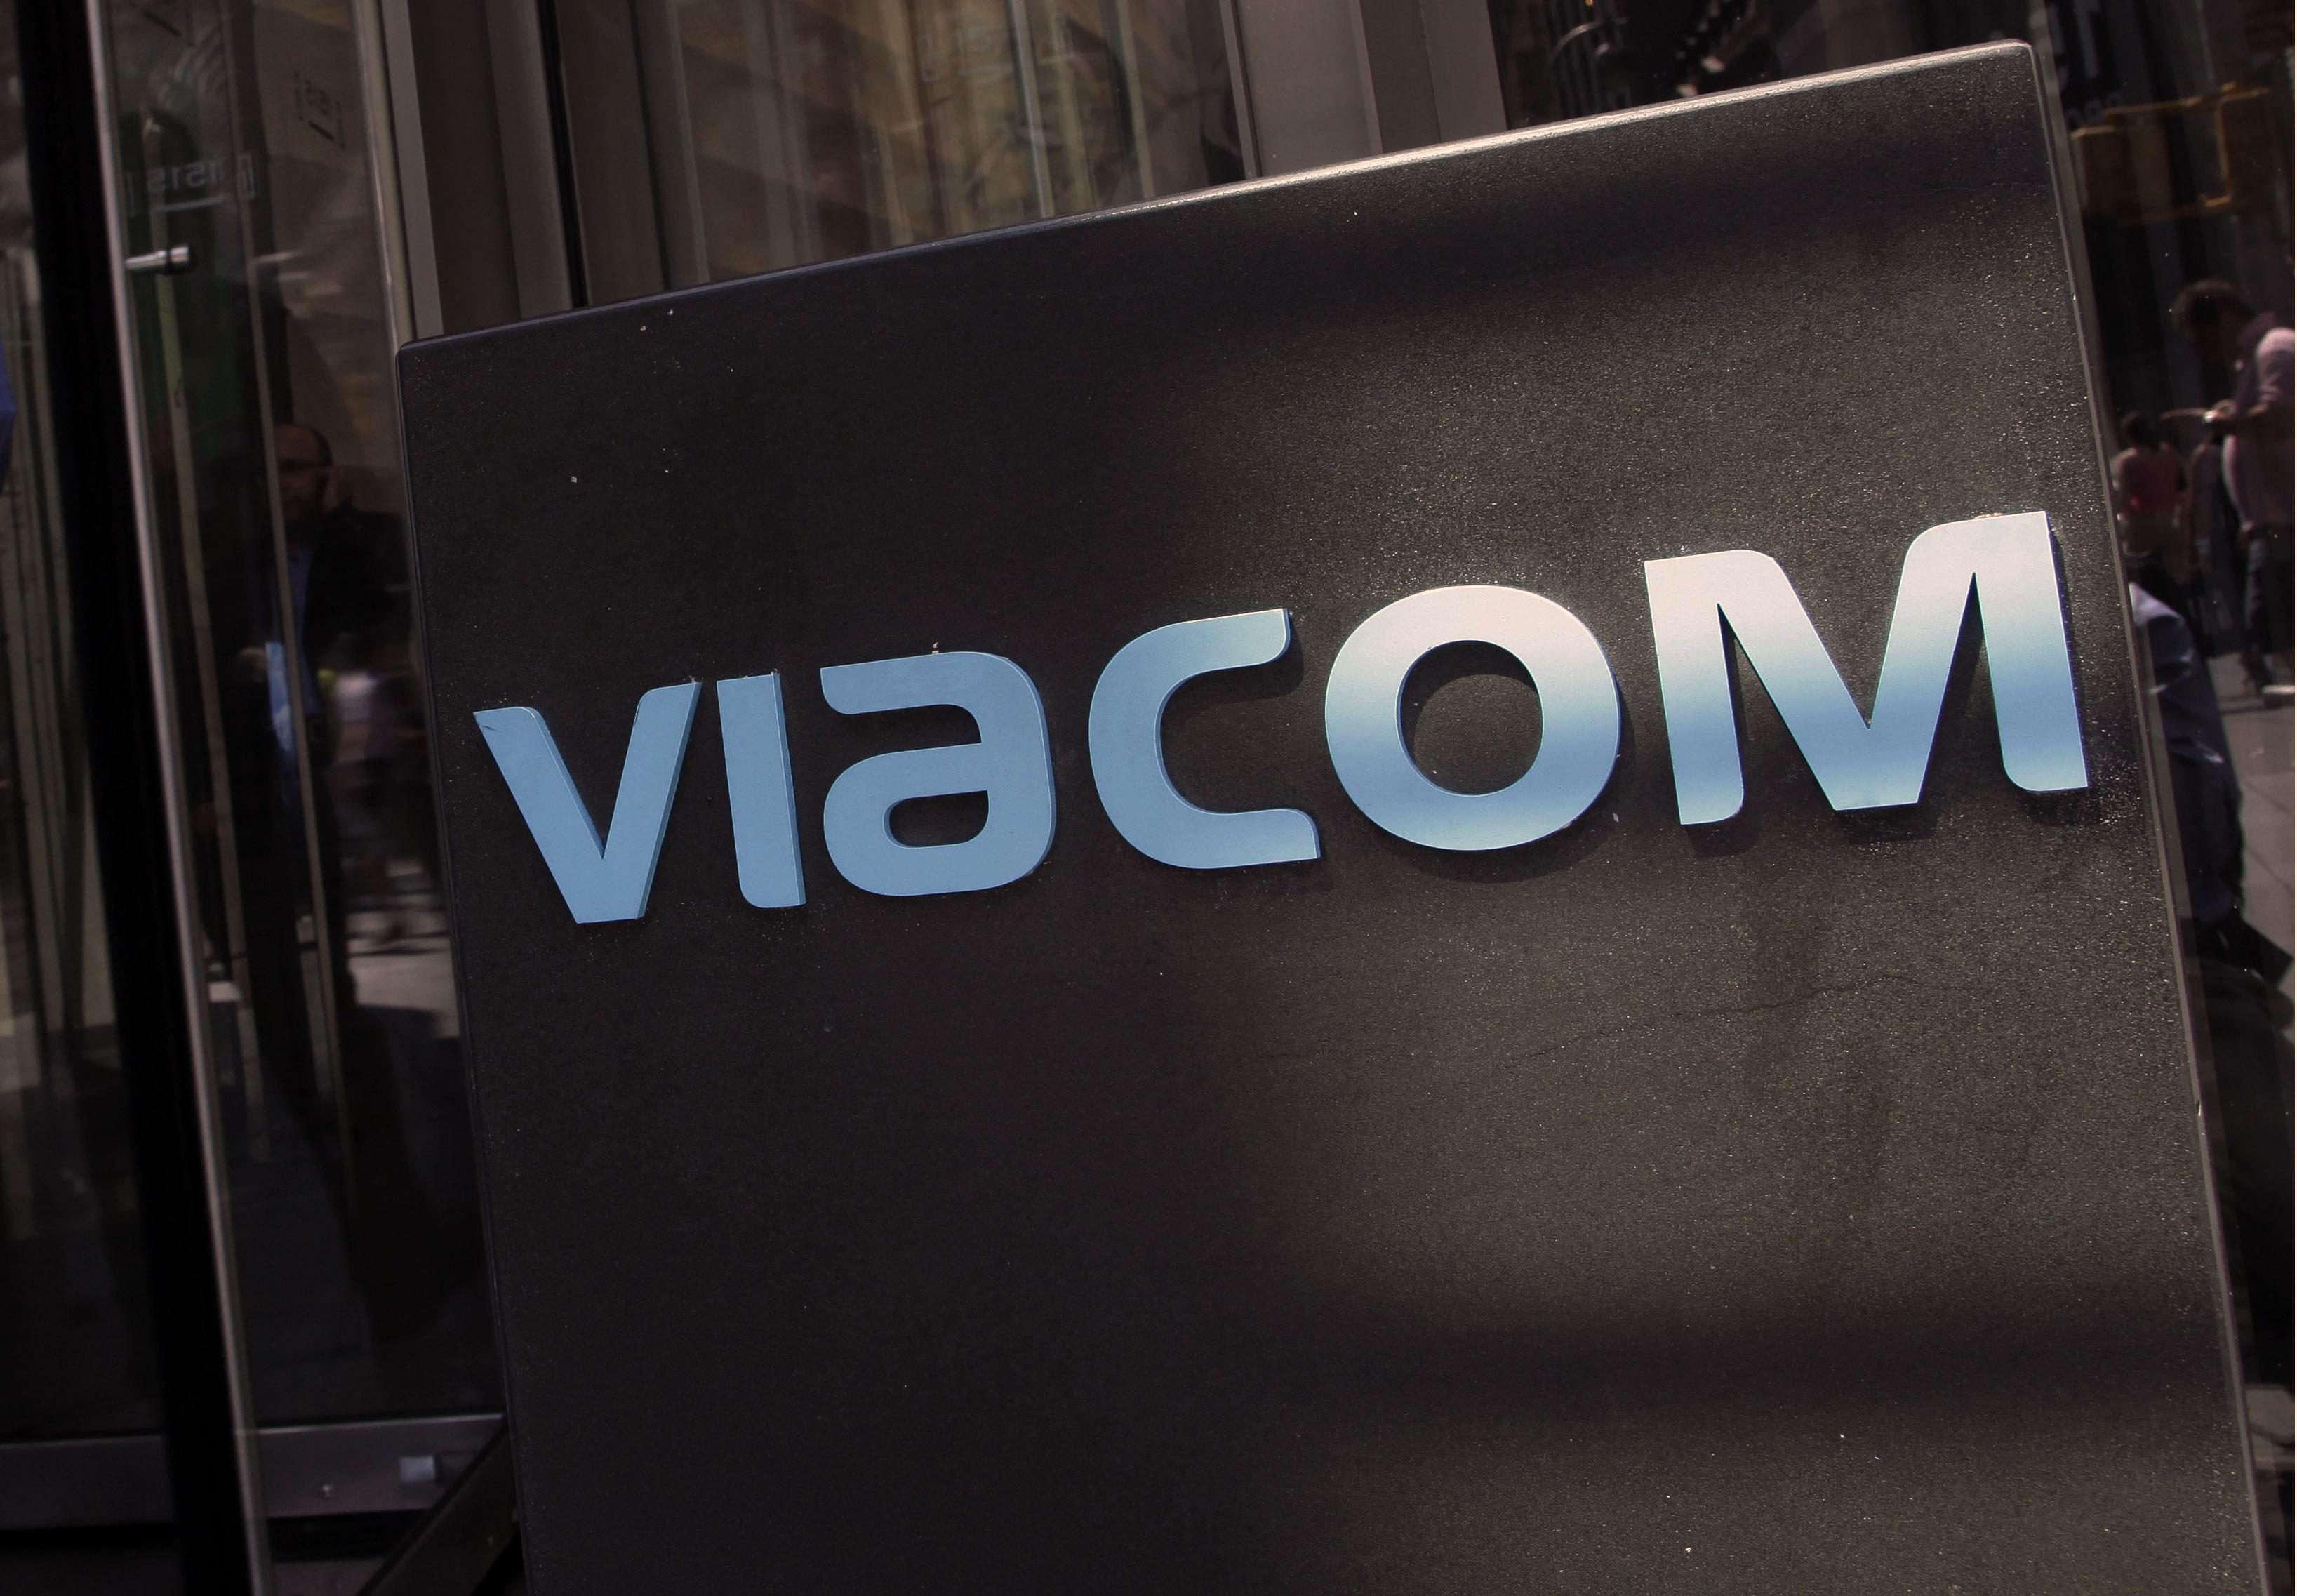 Earns Viacom